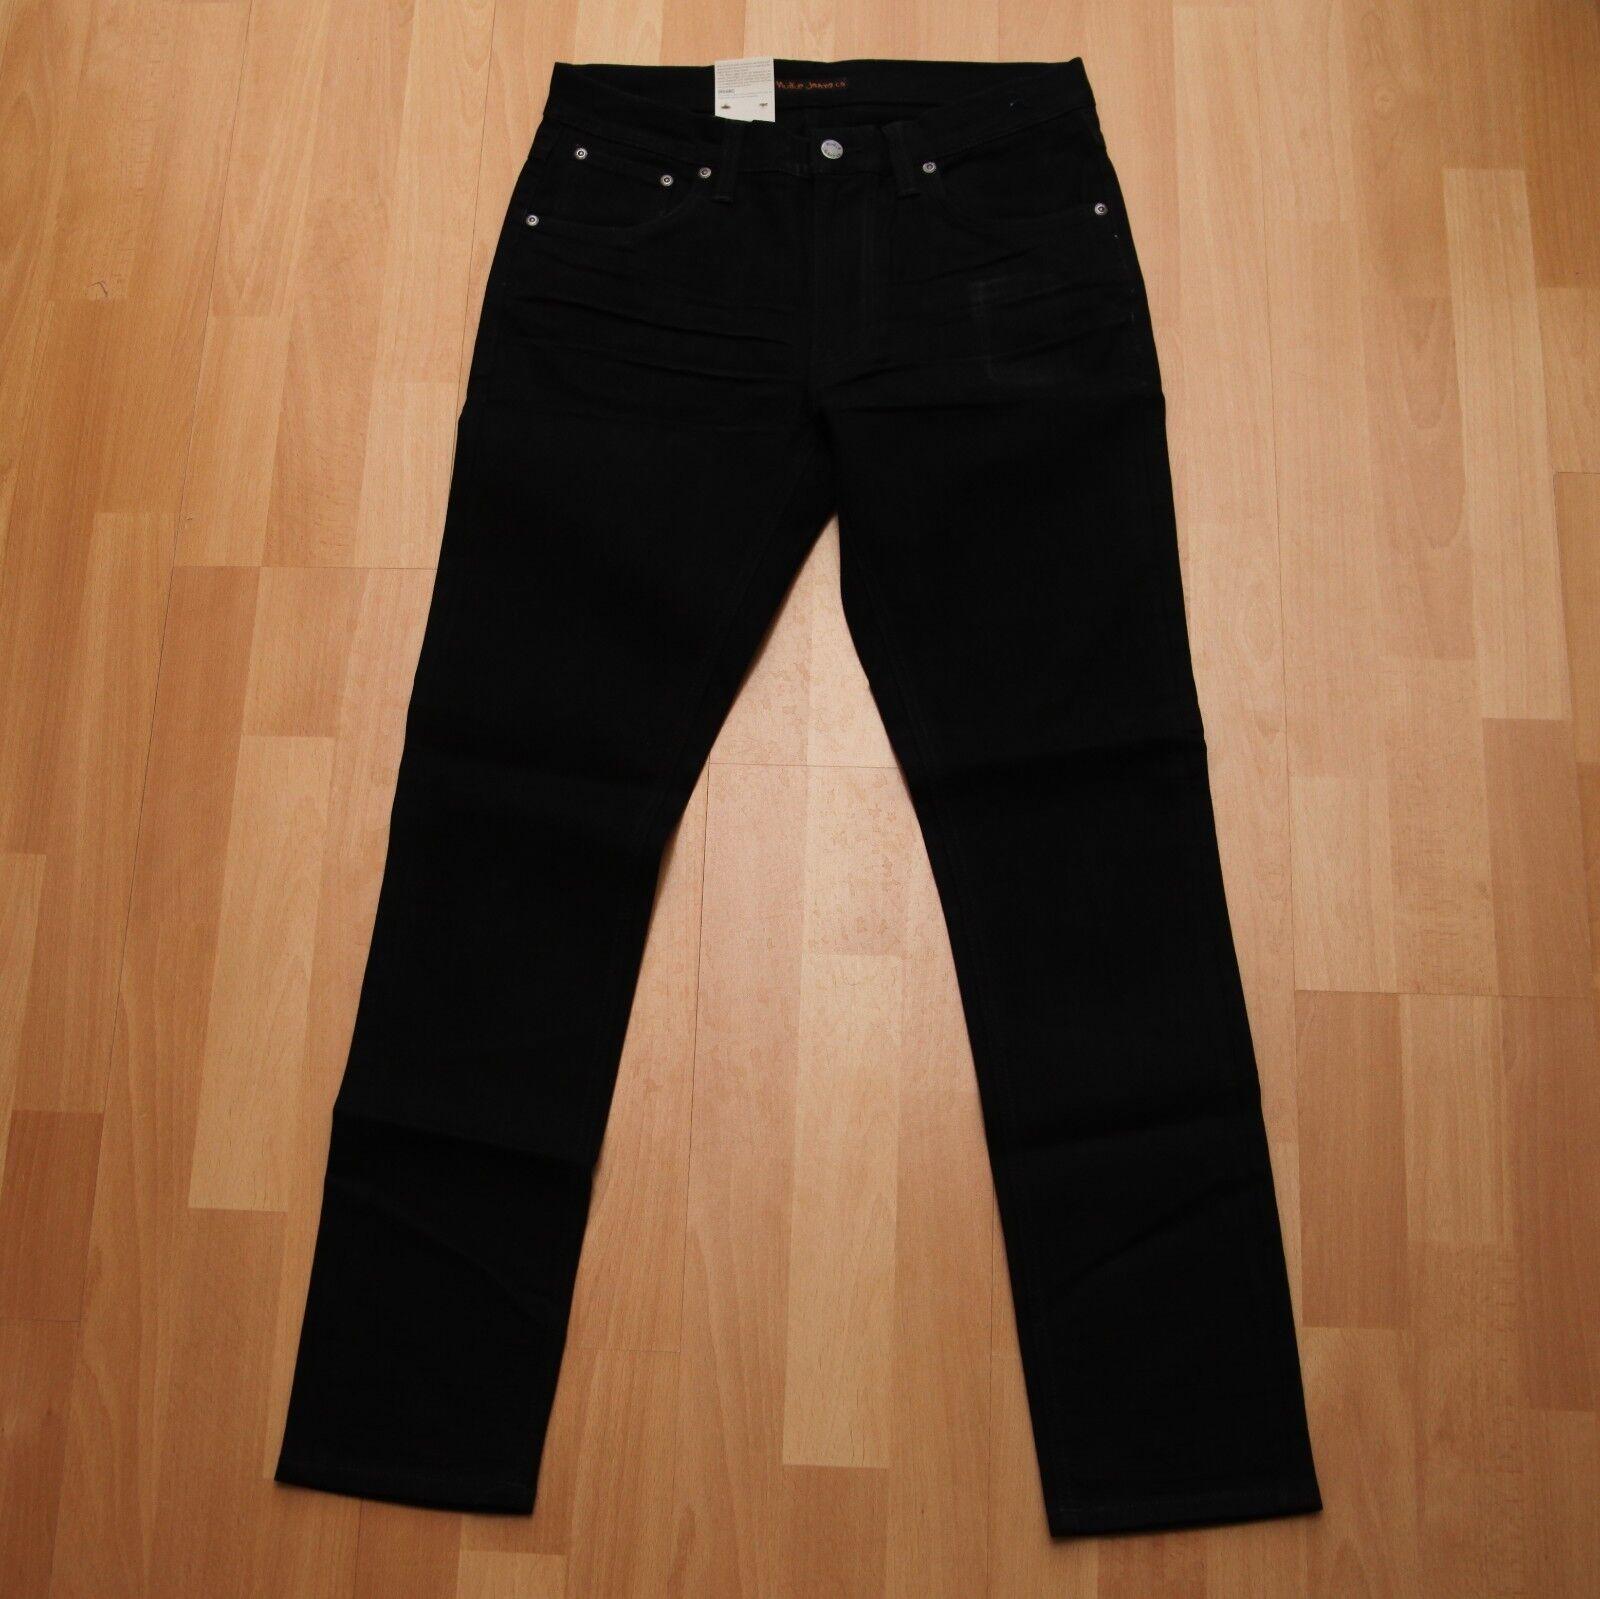 NEU Nudie Jeans Lean Dean (Carrot Shape) schwarz Sorrow 32 32